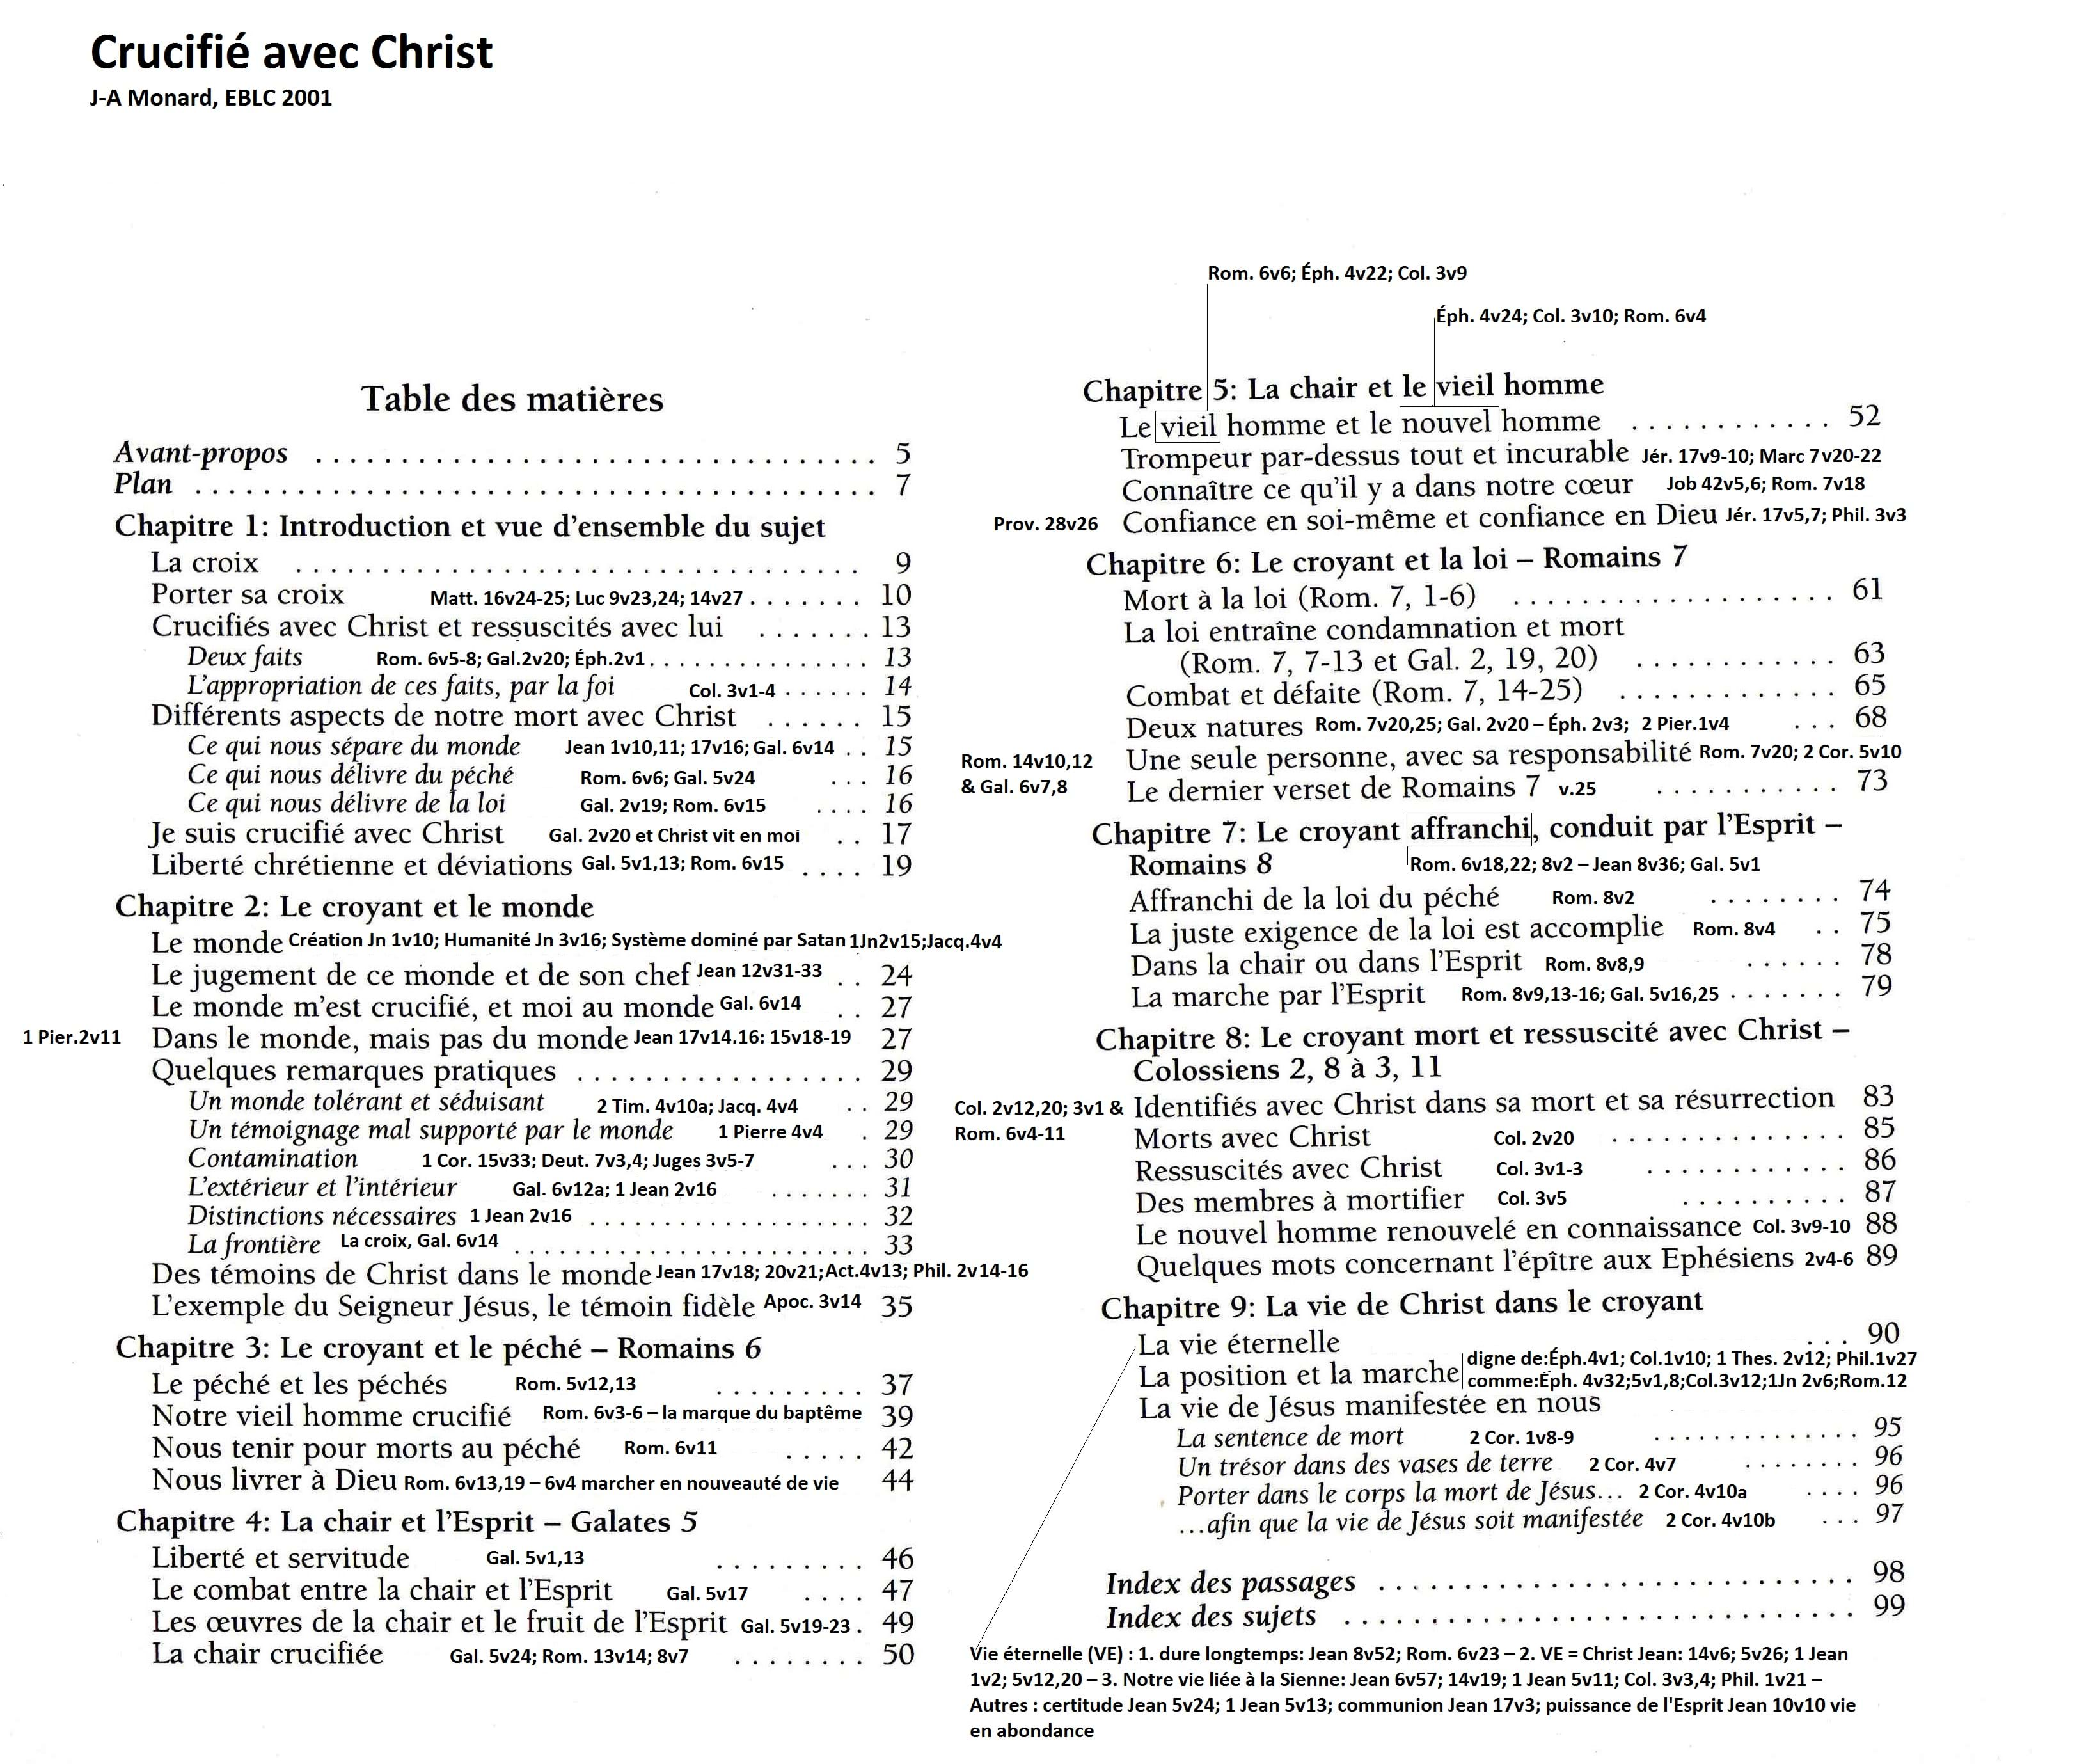 Sujets sanctification et saintet selon la bible - Difference entre sommaire et table des matieres ...